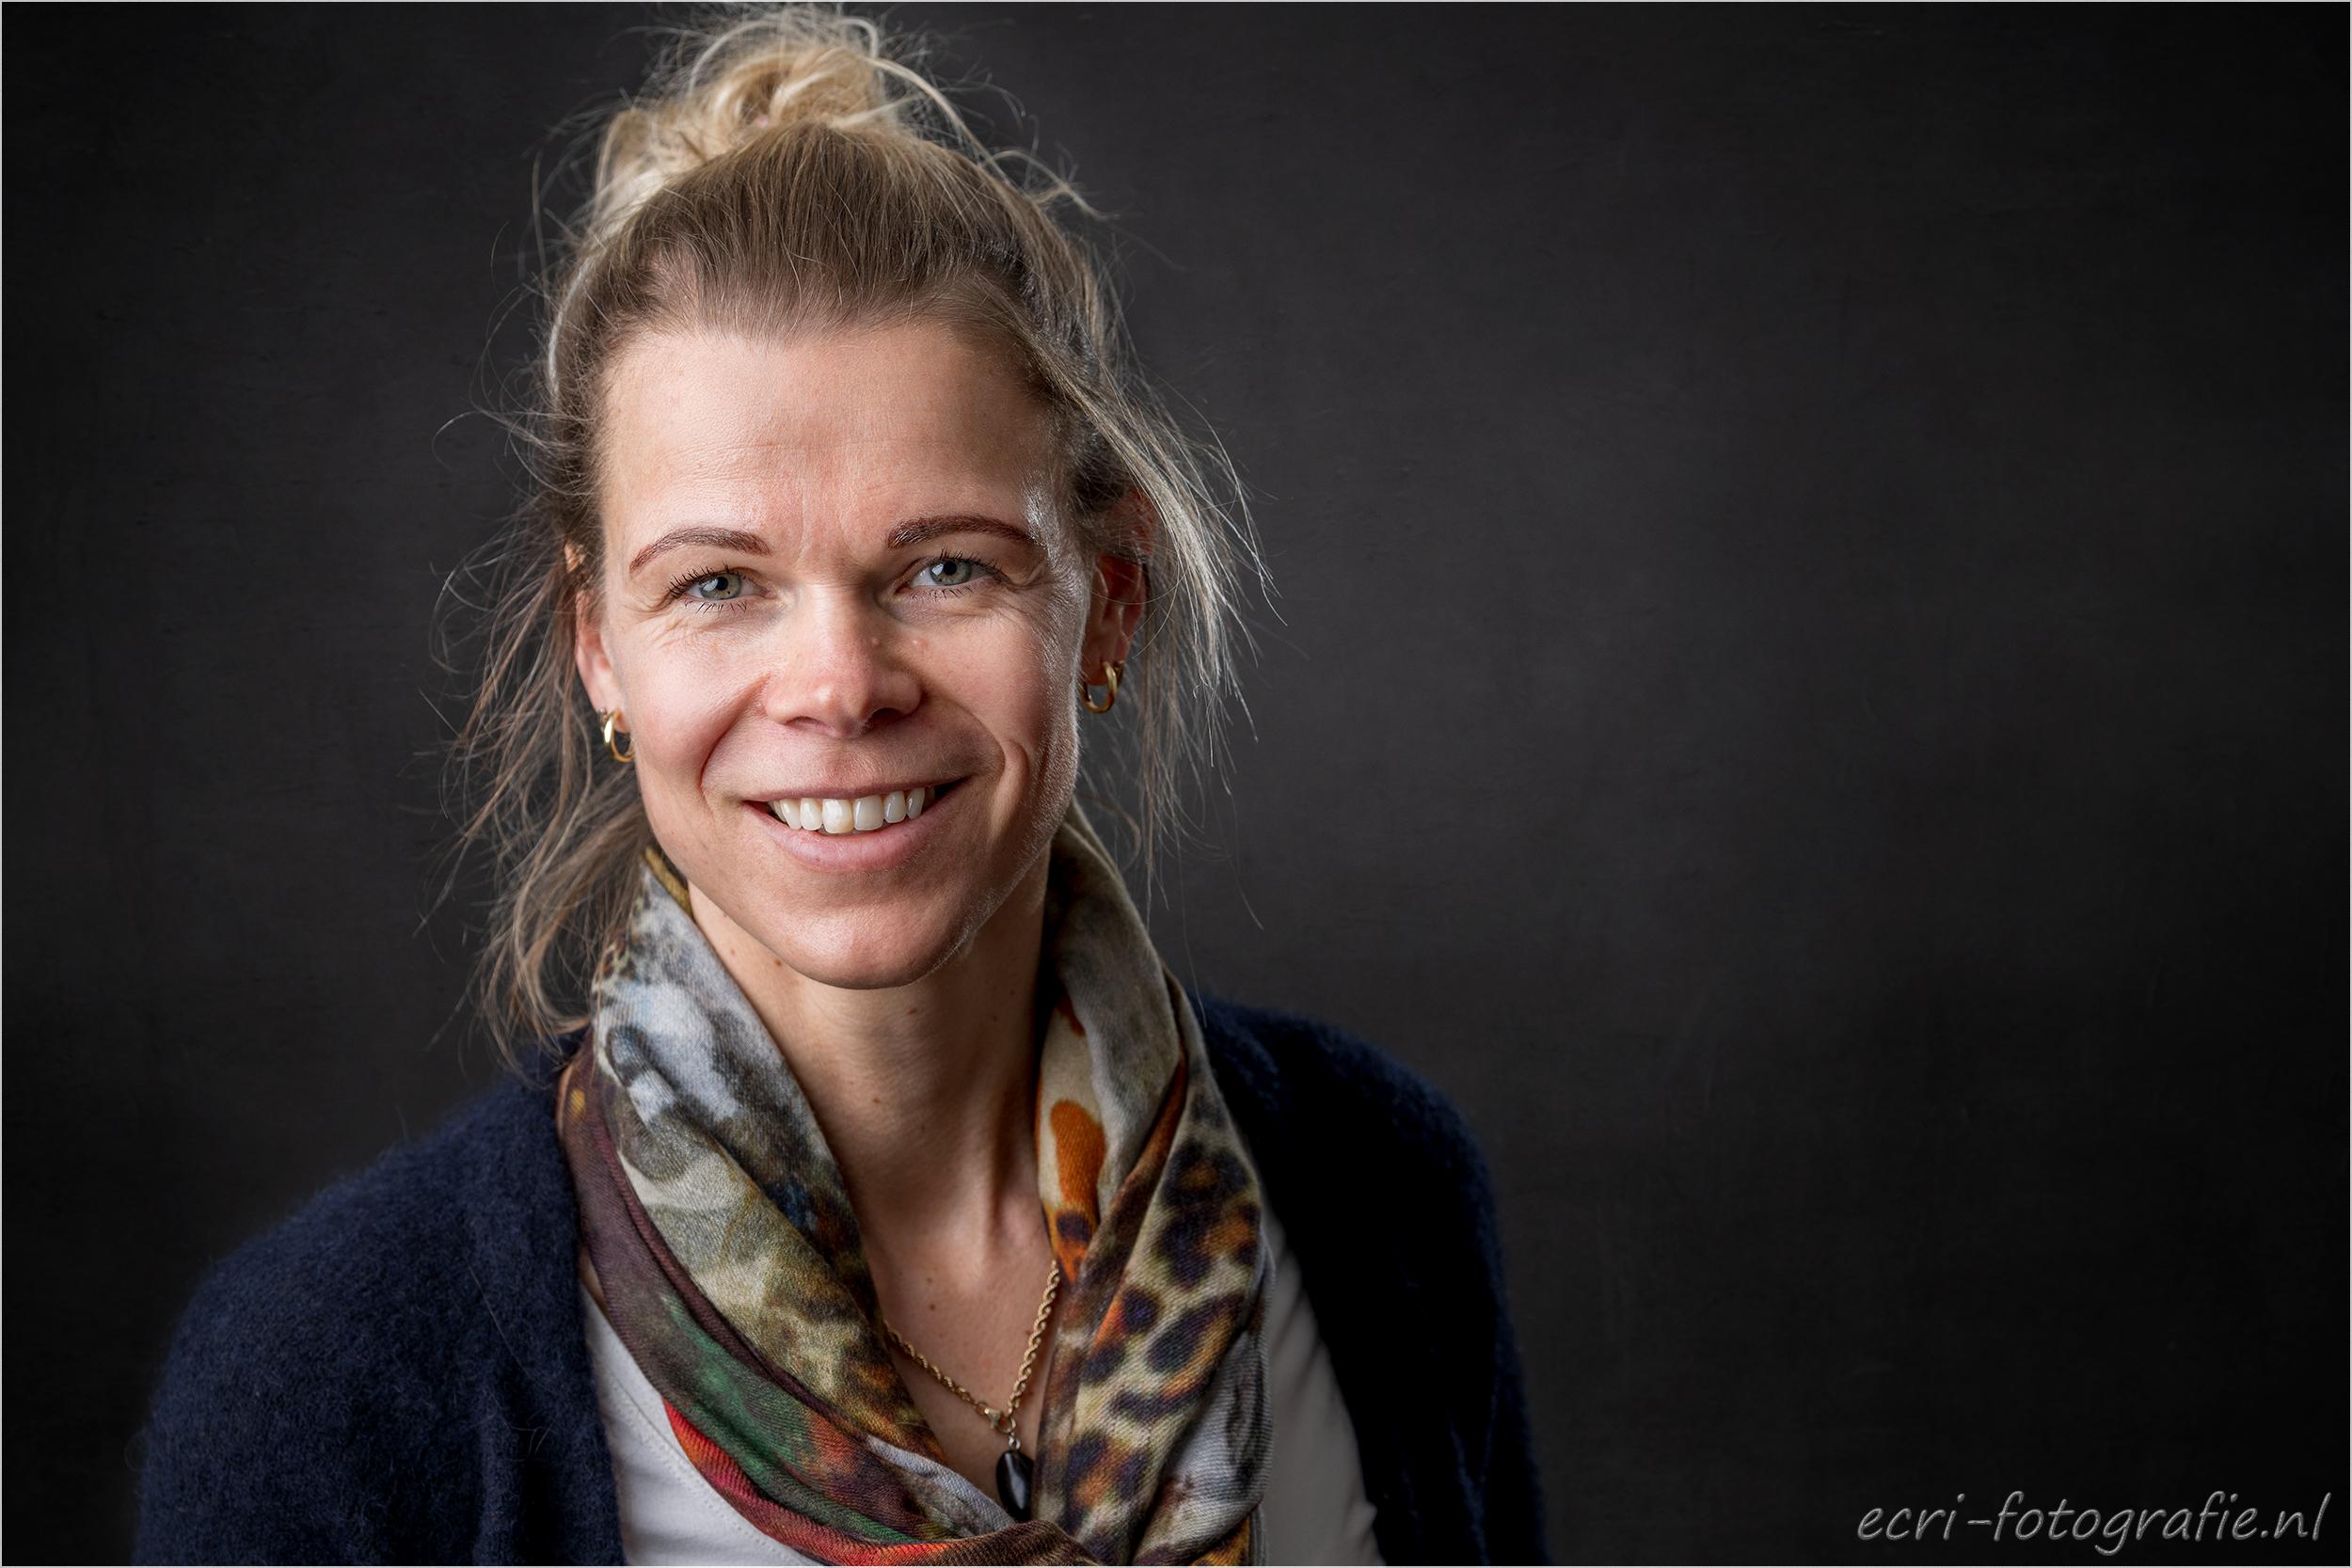 ecri-fotografie, Eric de Jonge, zakelijk portret, headshot,